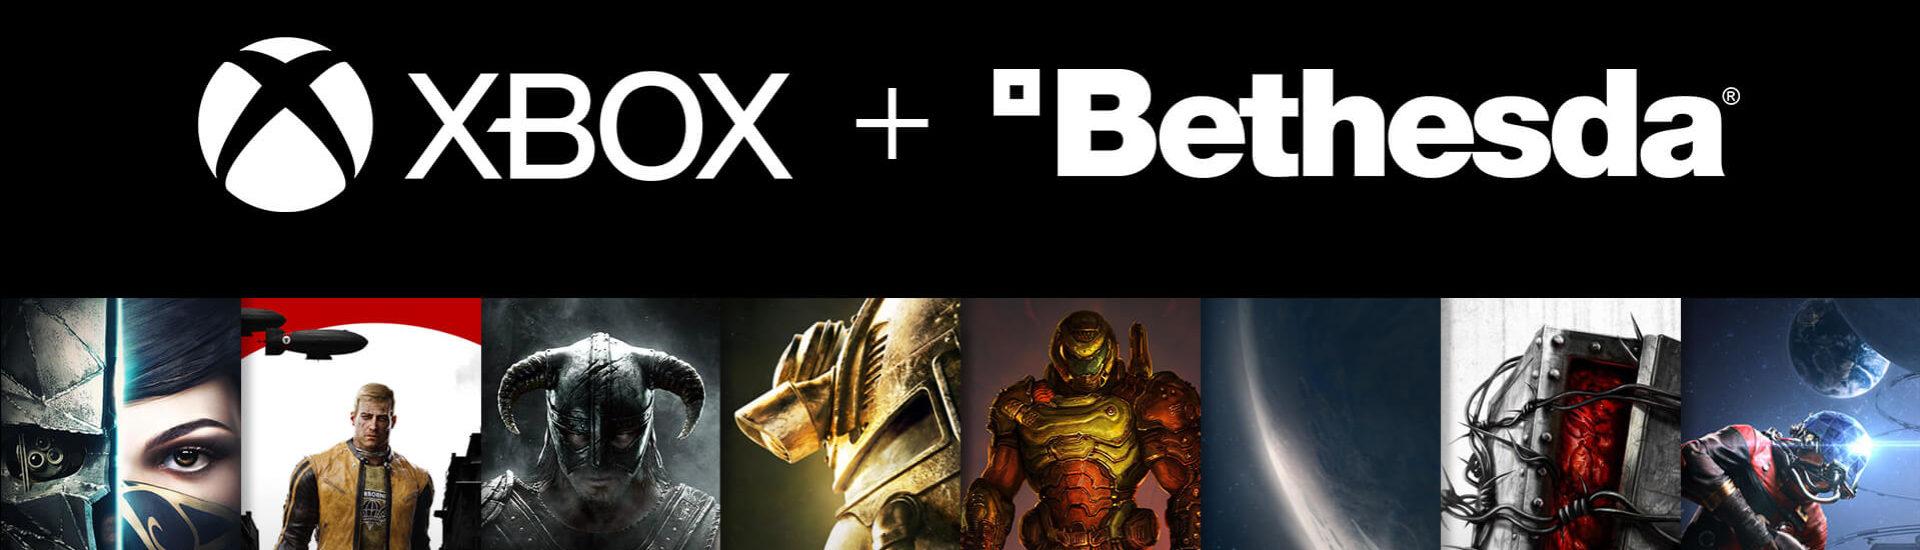 Bethesda-Spiele erscheinen doch nicht exklusiv nur für Xbox Series X/S